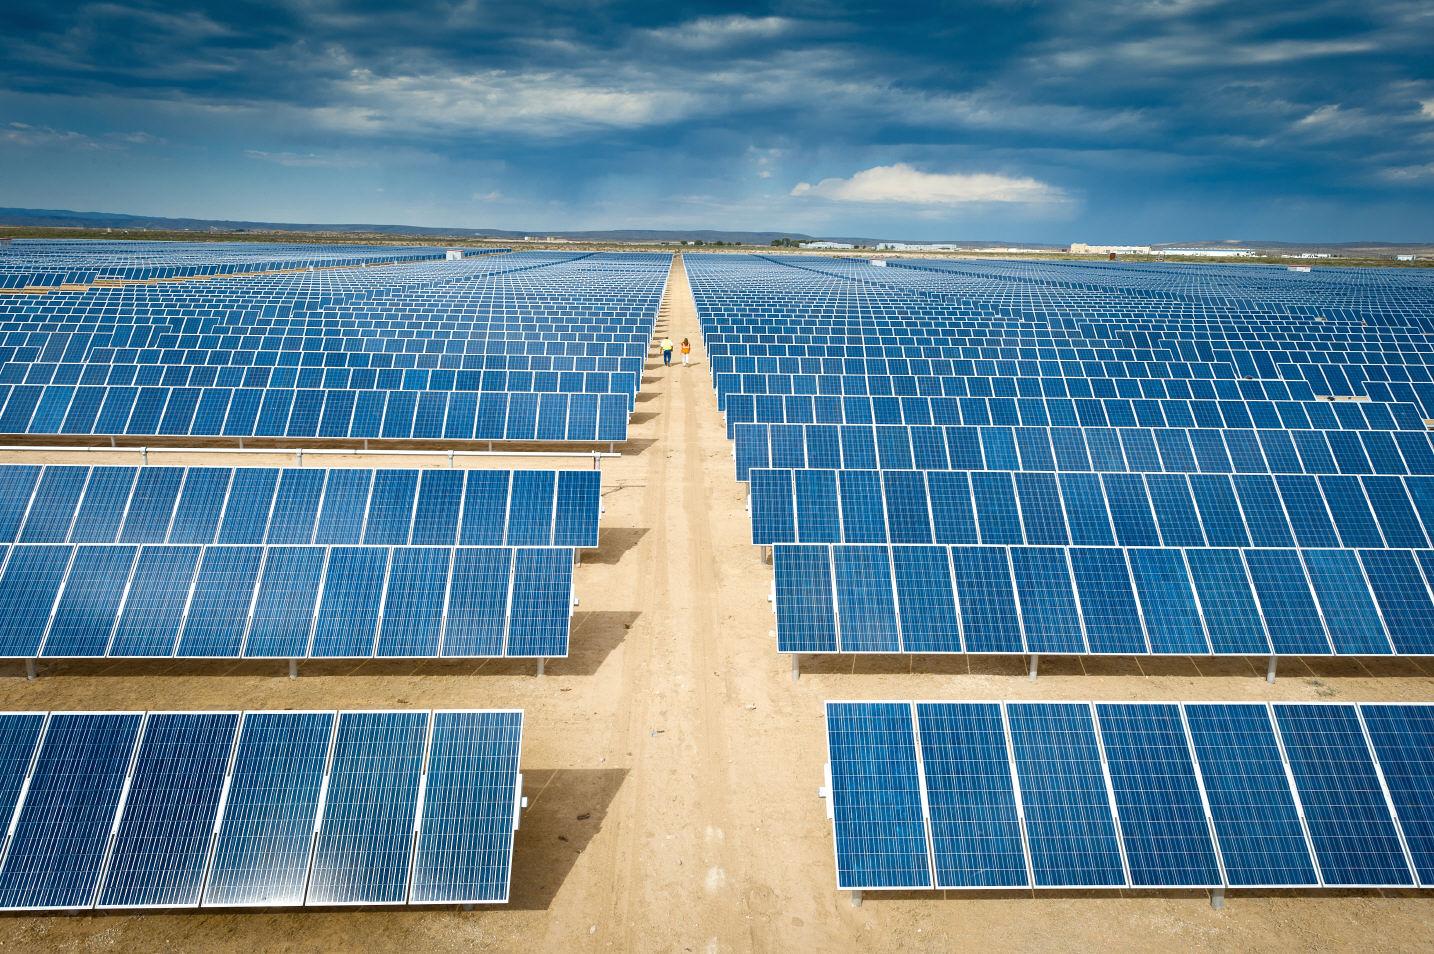 Parc fotovoltaic solar for Pannelli solari solar